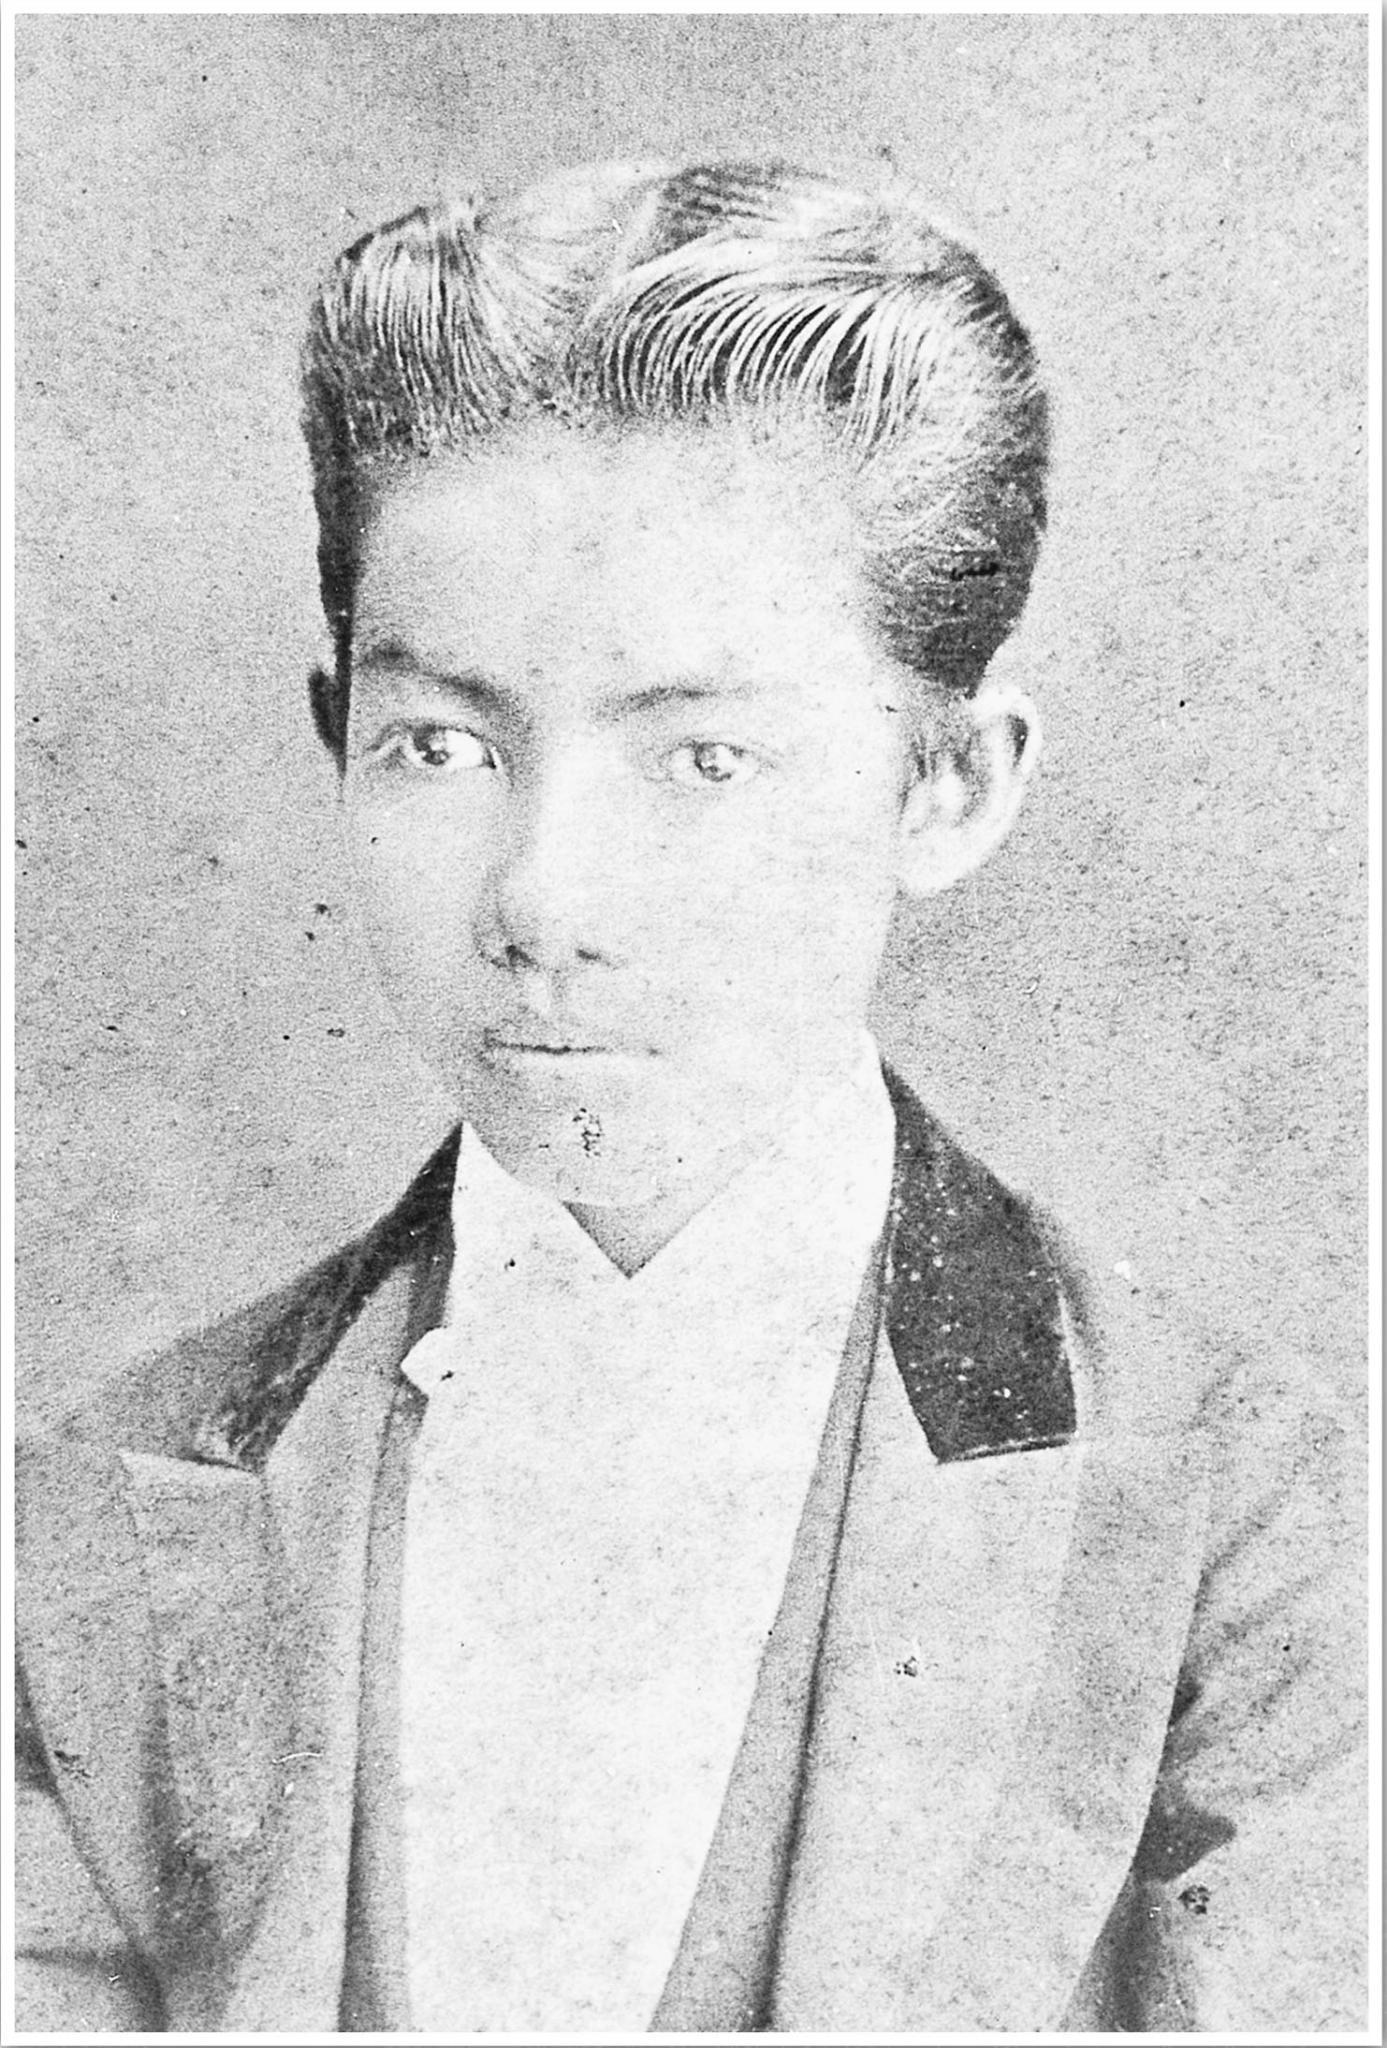 100 ปี แห่งการสิ้นพระชนม์ สมเด็จพระมหาสมณเจ้า กรมพระยาวชิรญาณวโรรส (100th Anniversary of the Death of His Royal Highness Prince Vajirananavarorasa) : ผู้วางรากฐานการศึกษาสมัยใหม่และการศาสนา